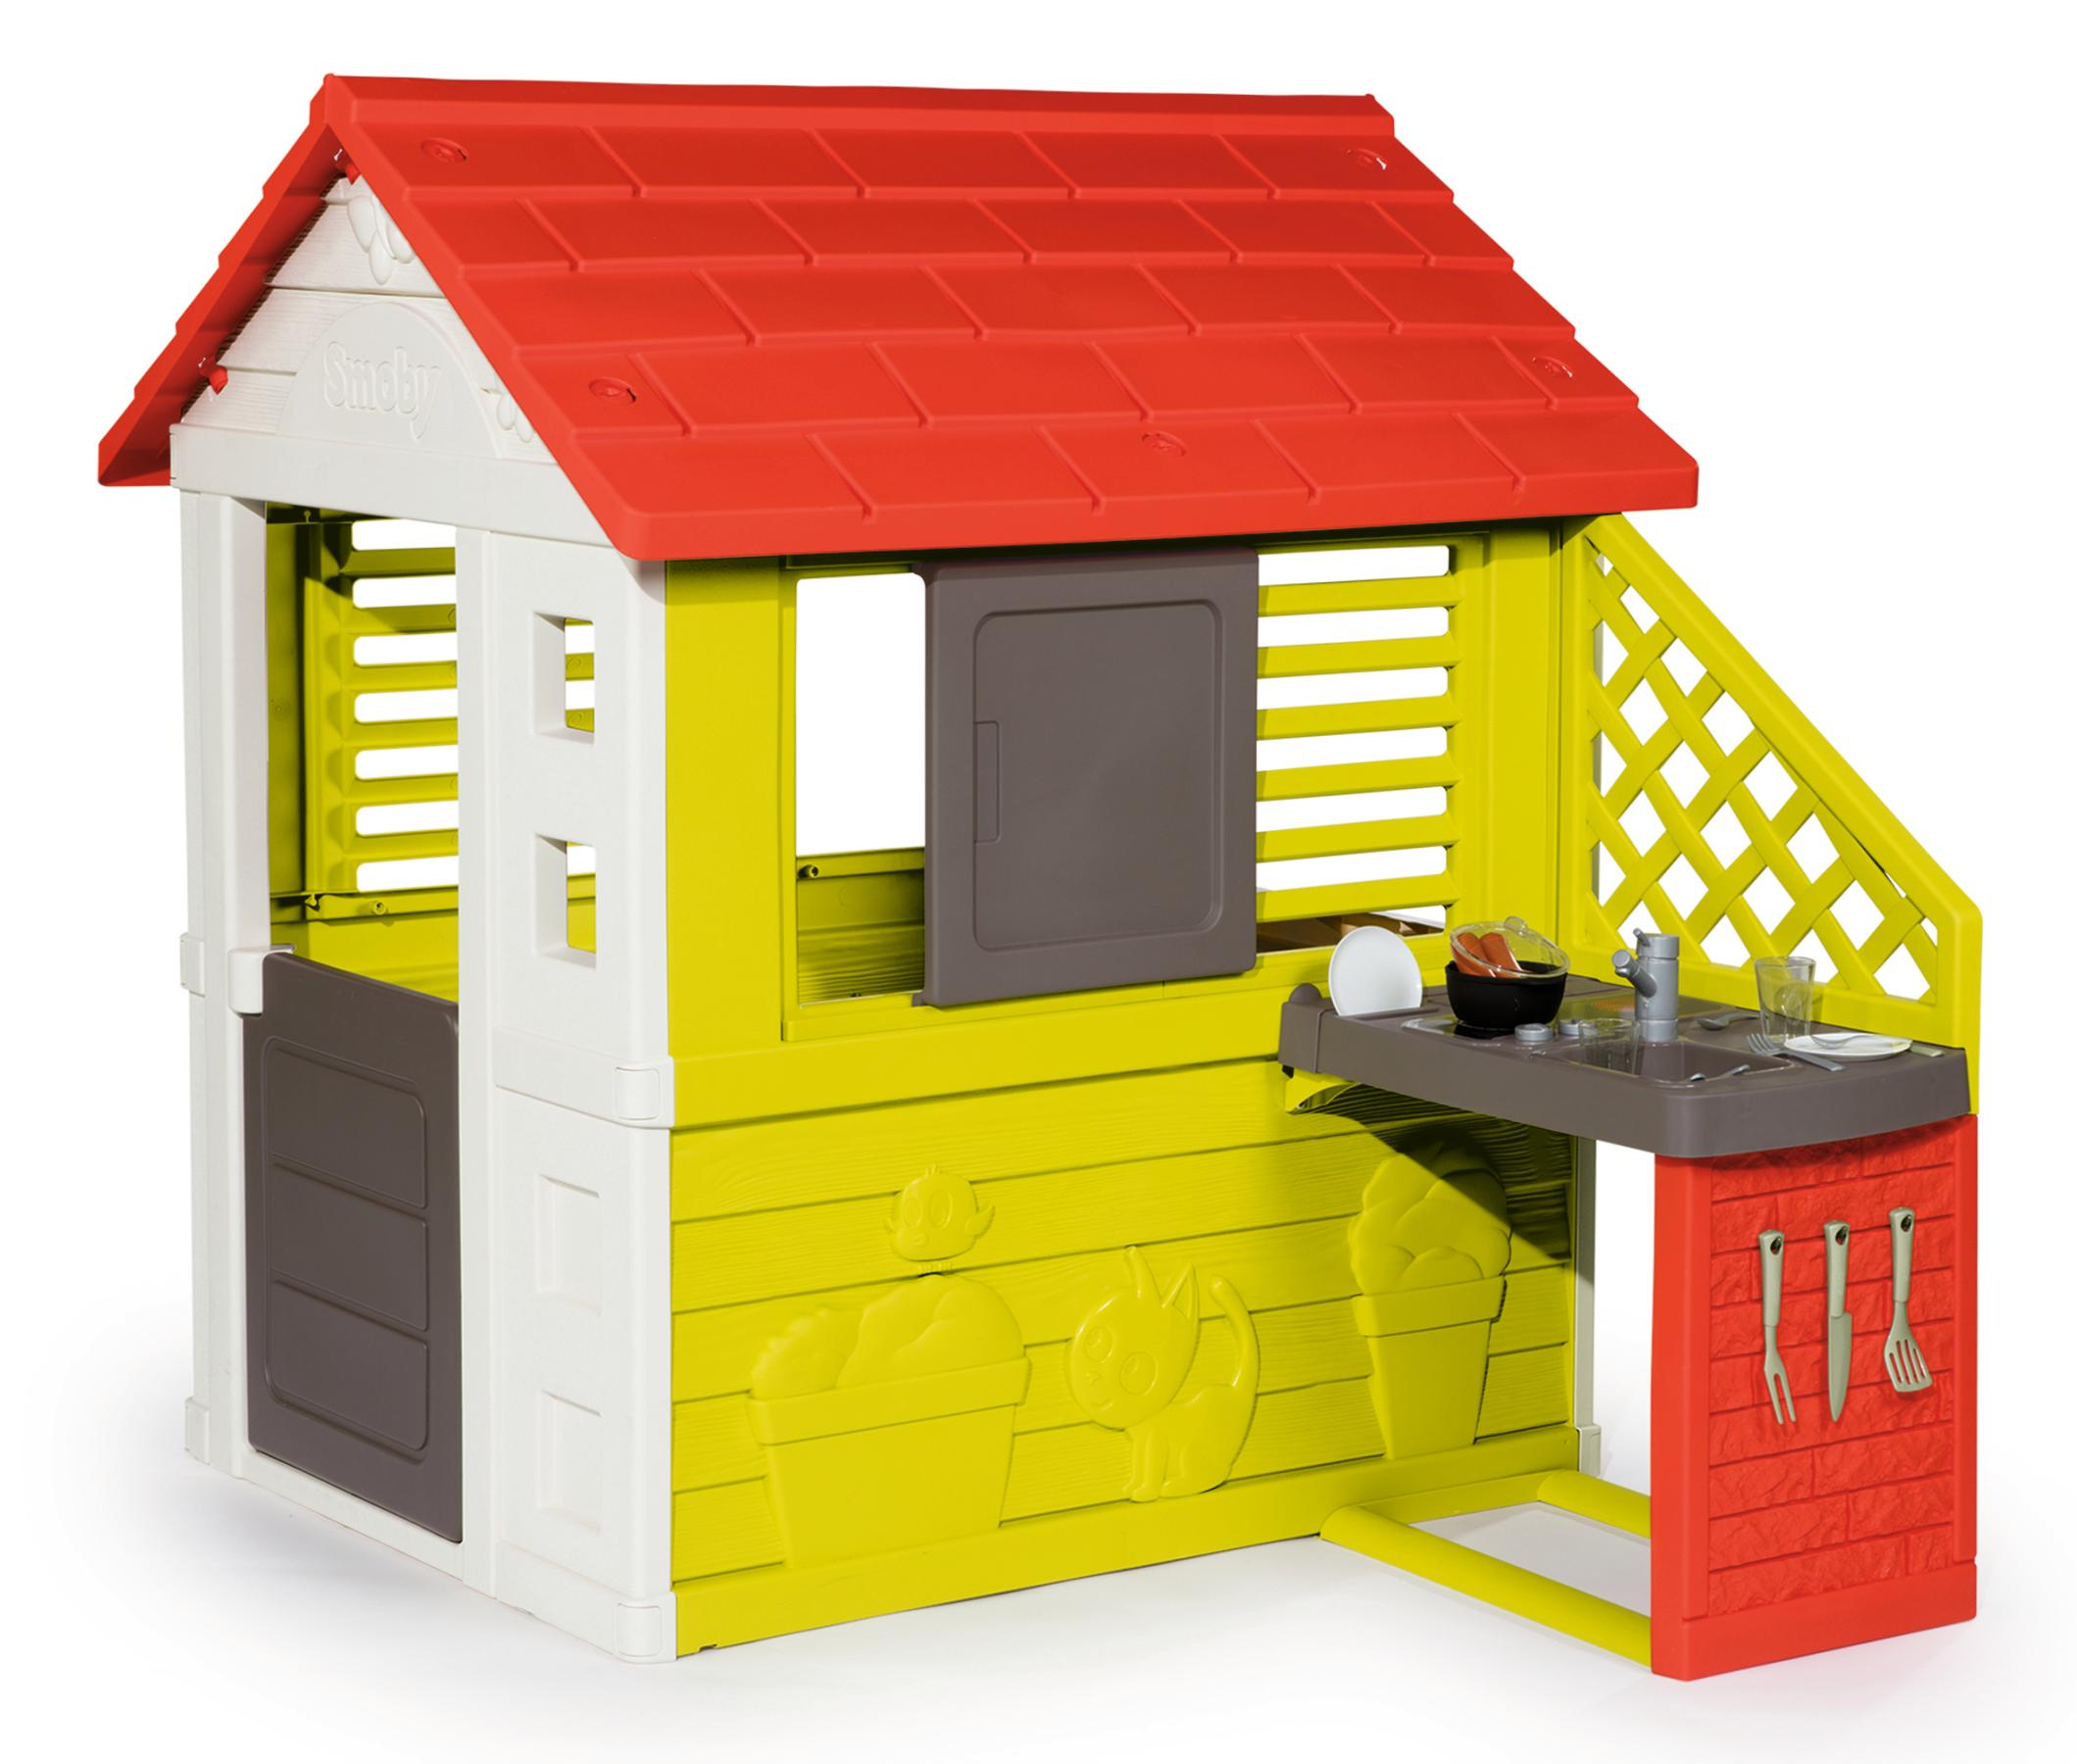 Smoby Spielhaus Natur mit Sommerküche, Made in Europe bunt Kinder Ab 2 Jahren Altersempfehlung